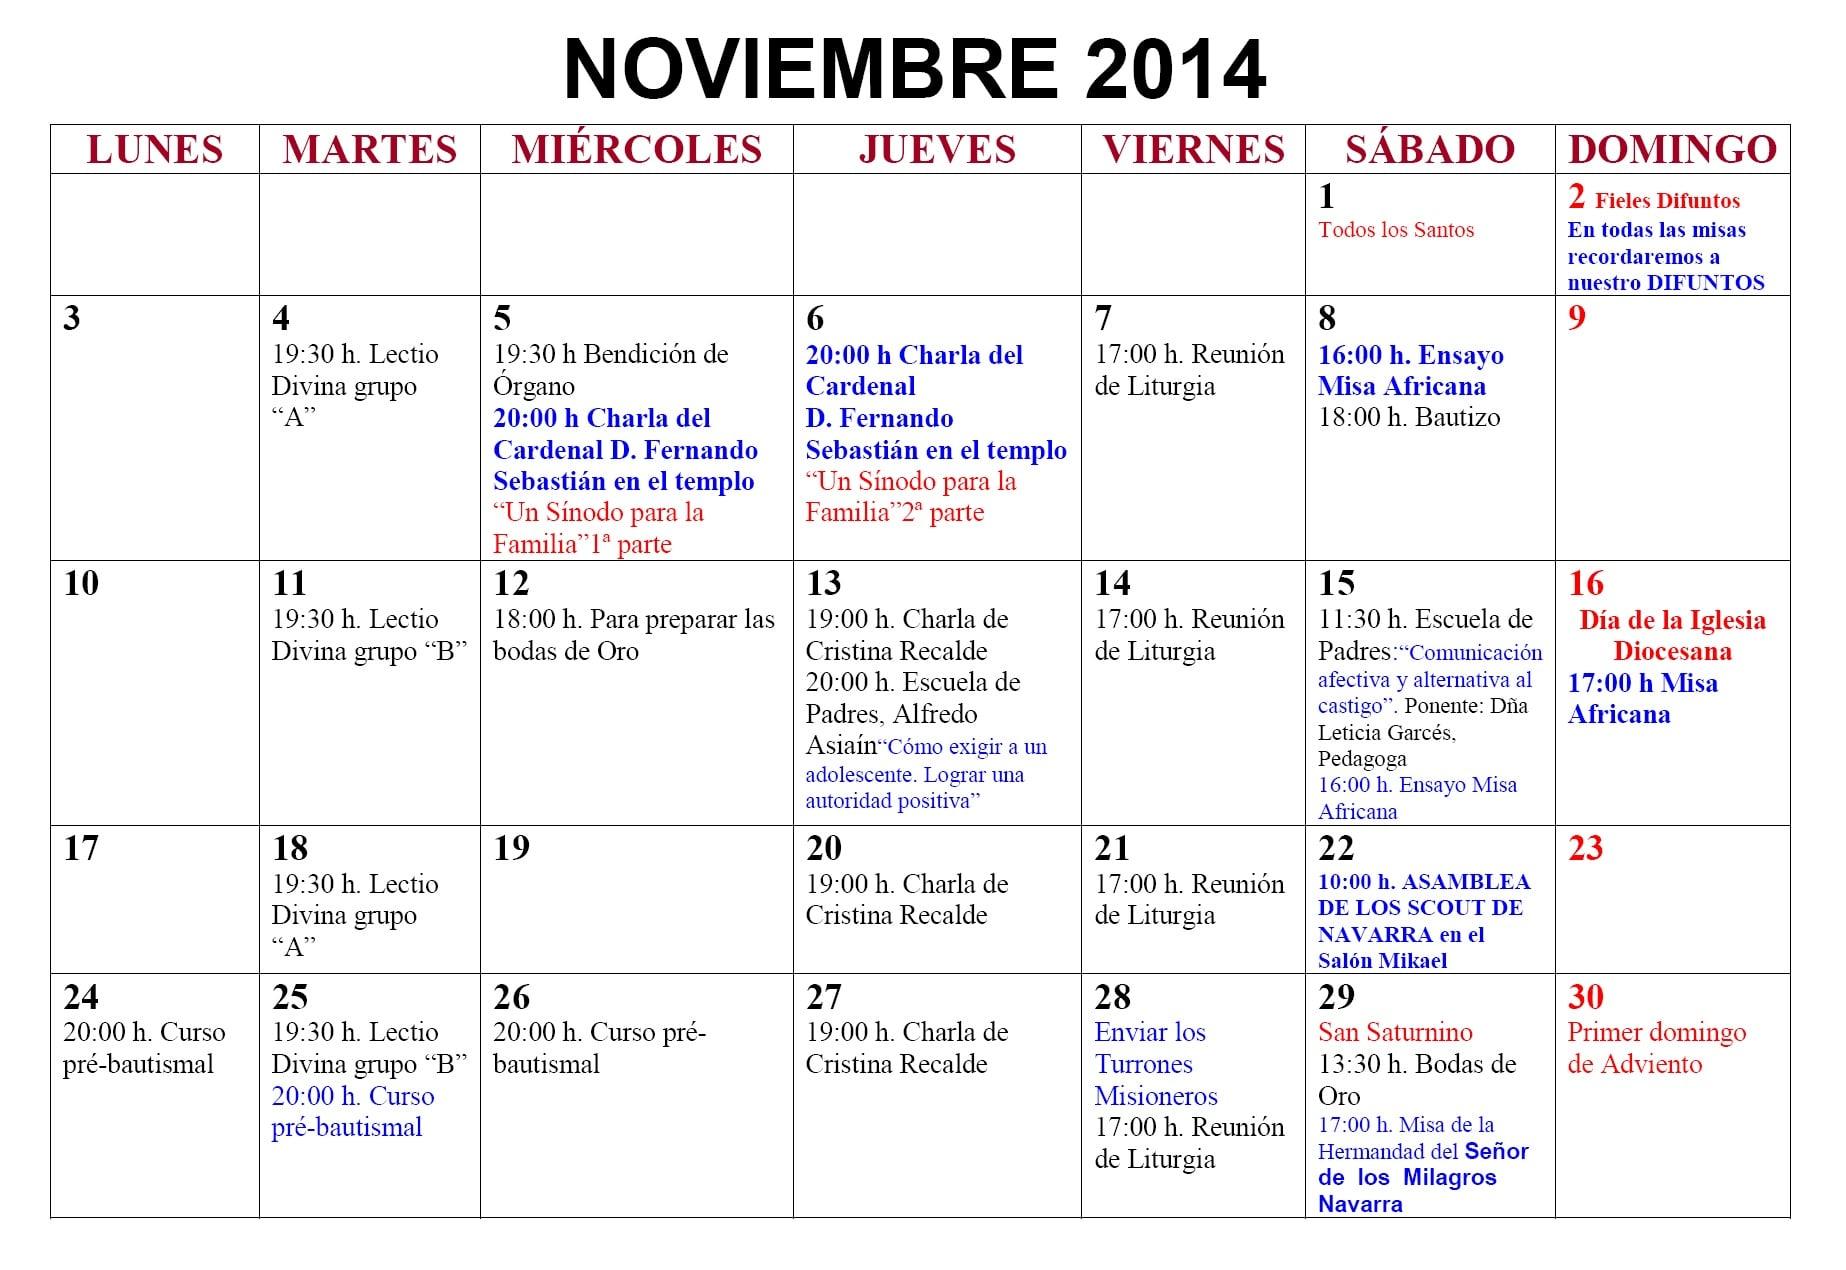 Agenda Noviembre 2014